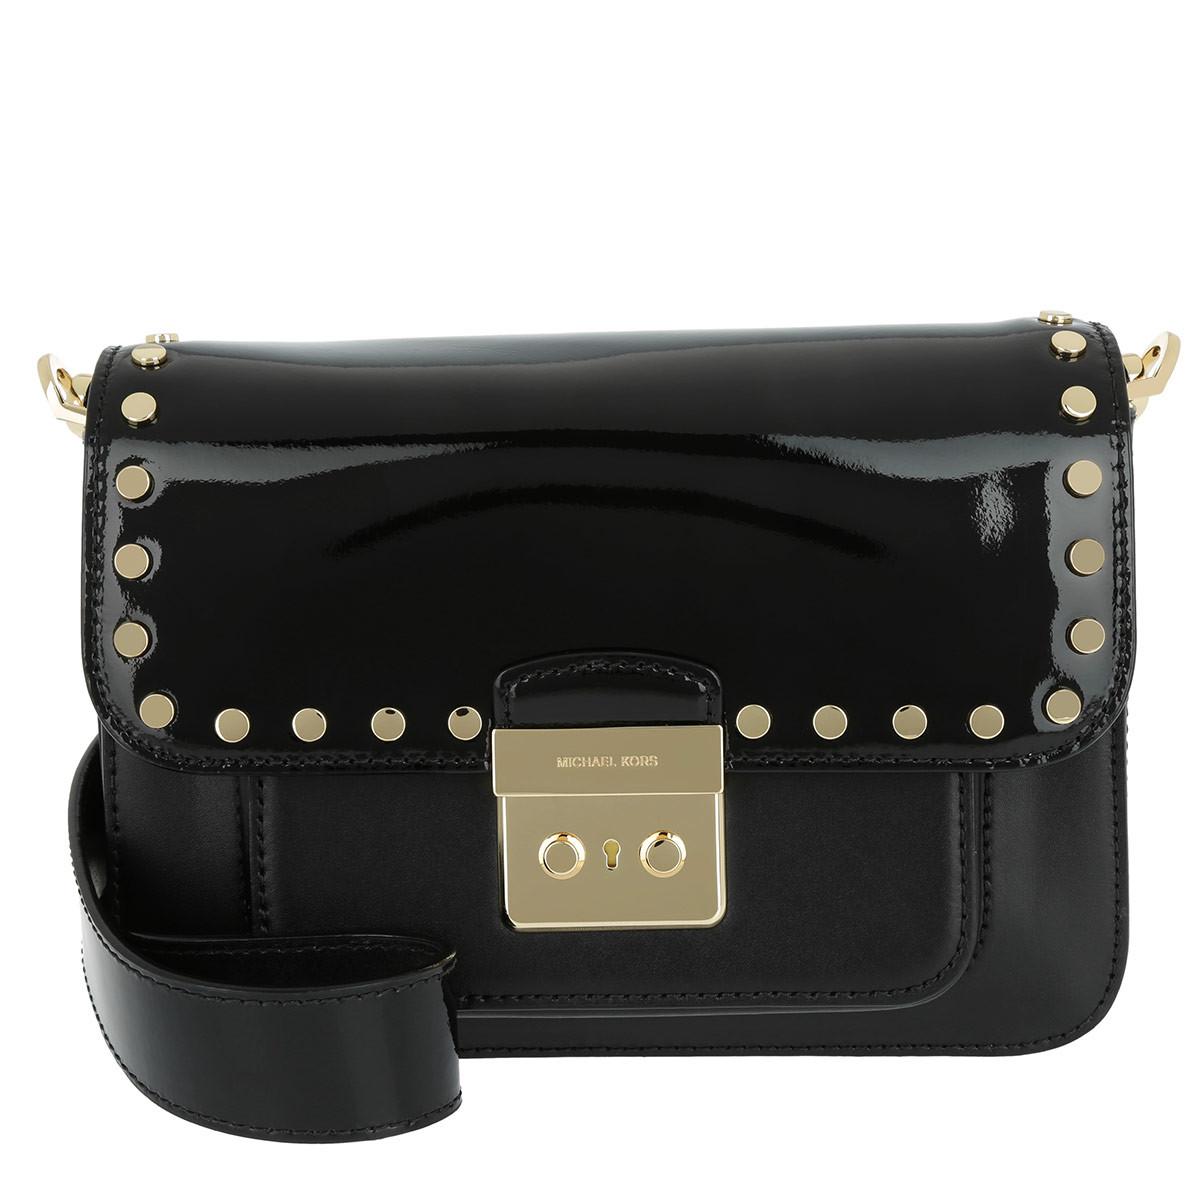 bUnjFBDjk1 Tassen met handvat - LG Shoulder Bag Black in zwart voor dames Natuurlijk En Vrij Manchester Grote Verkoop Online Te Koop tky4Ck7K